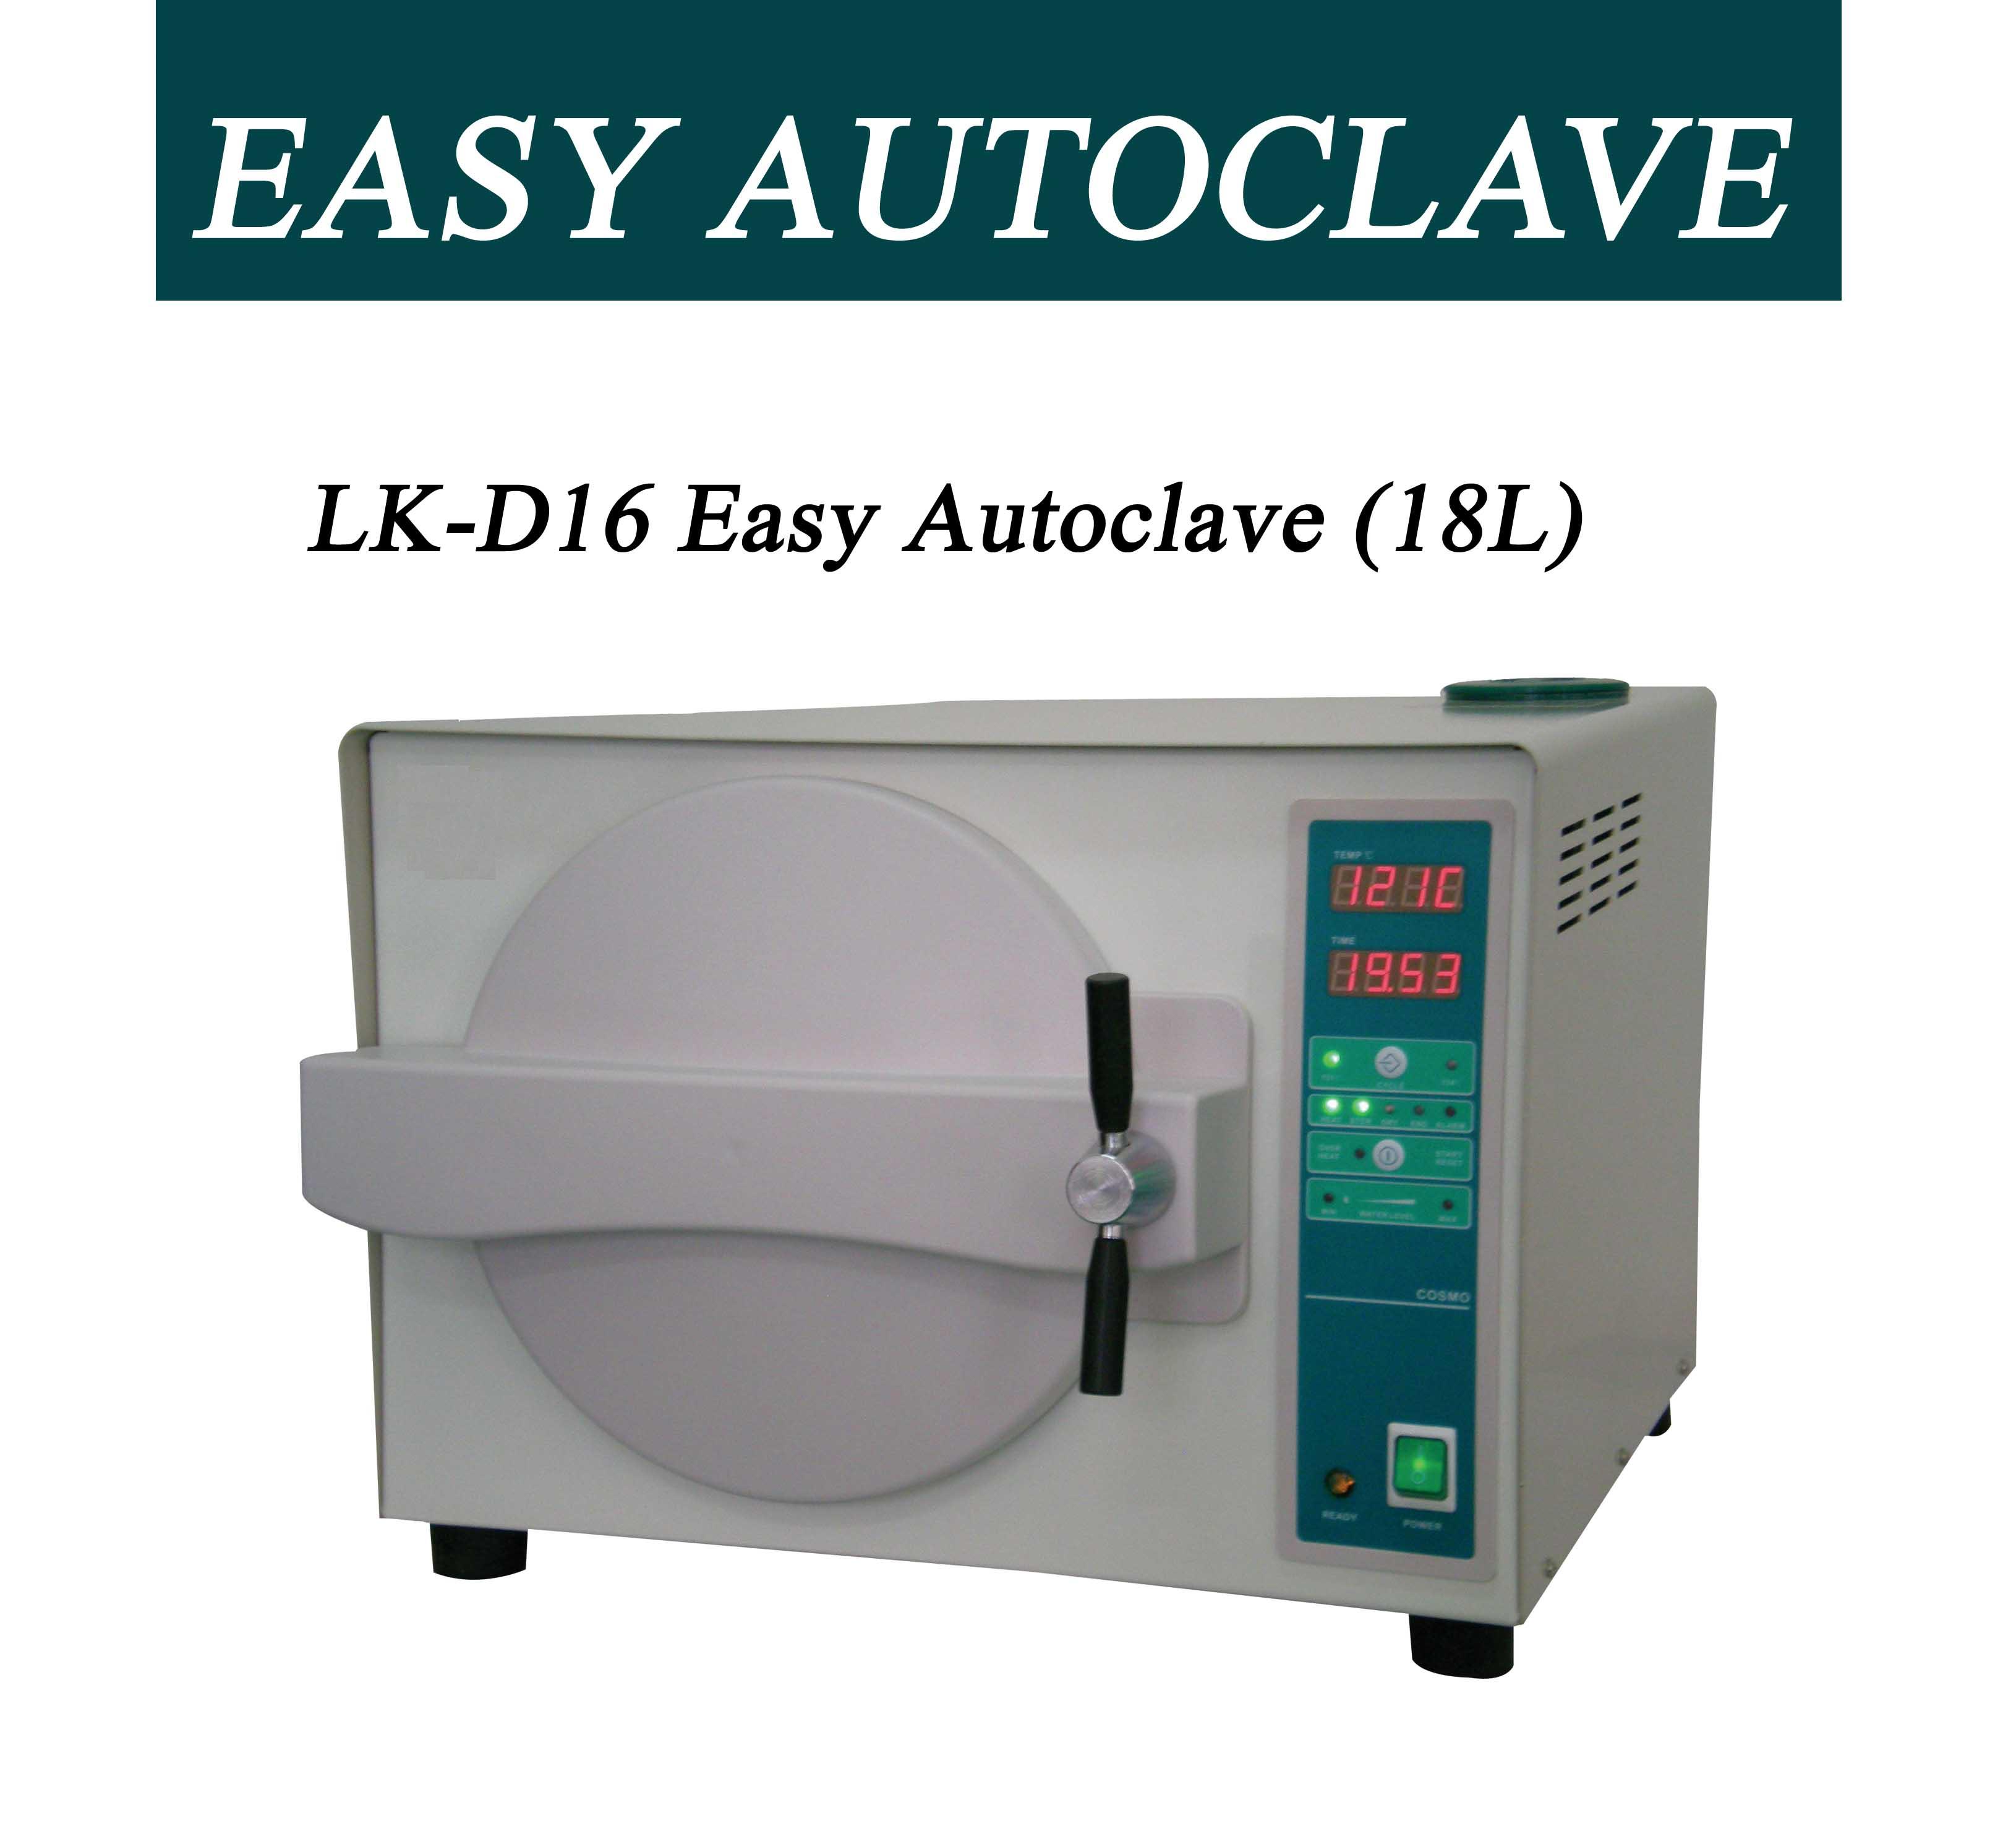 LK-D16 Easy Autoclave (18L)